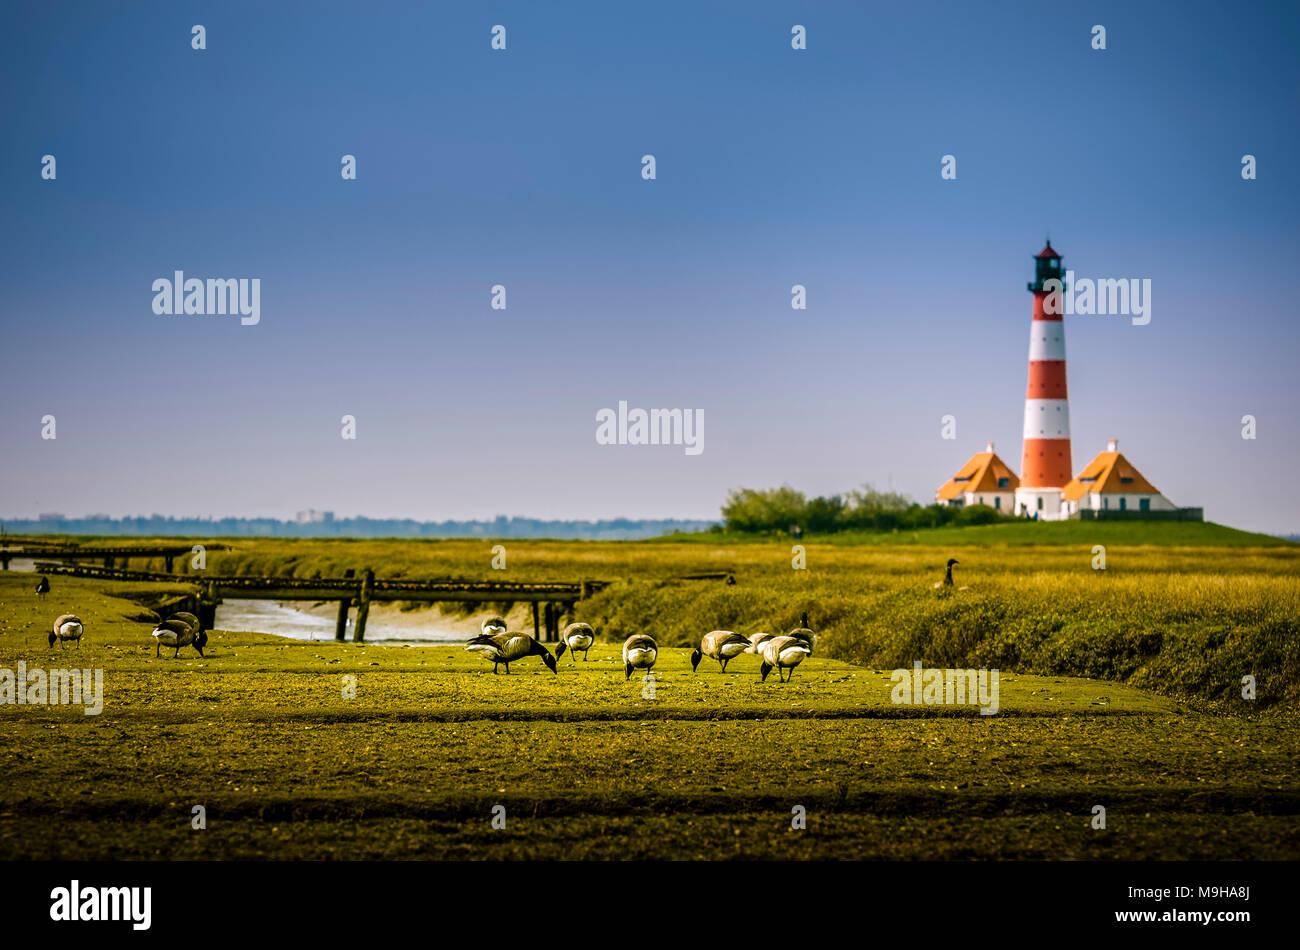 Deutschland, Schleswig-Holstein, Nordfriesland, Eiderstedt, St. Peter-Ording, Strand Stockbild